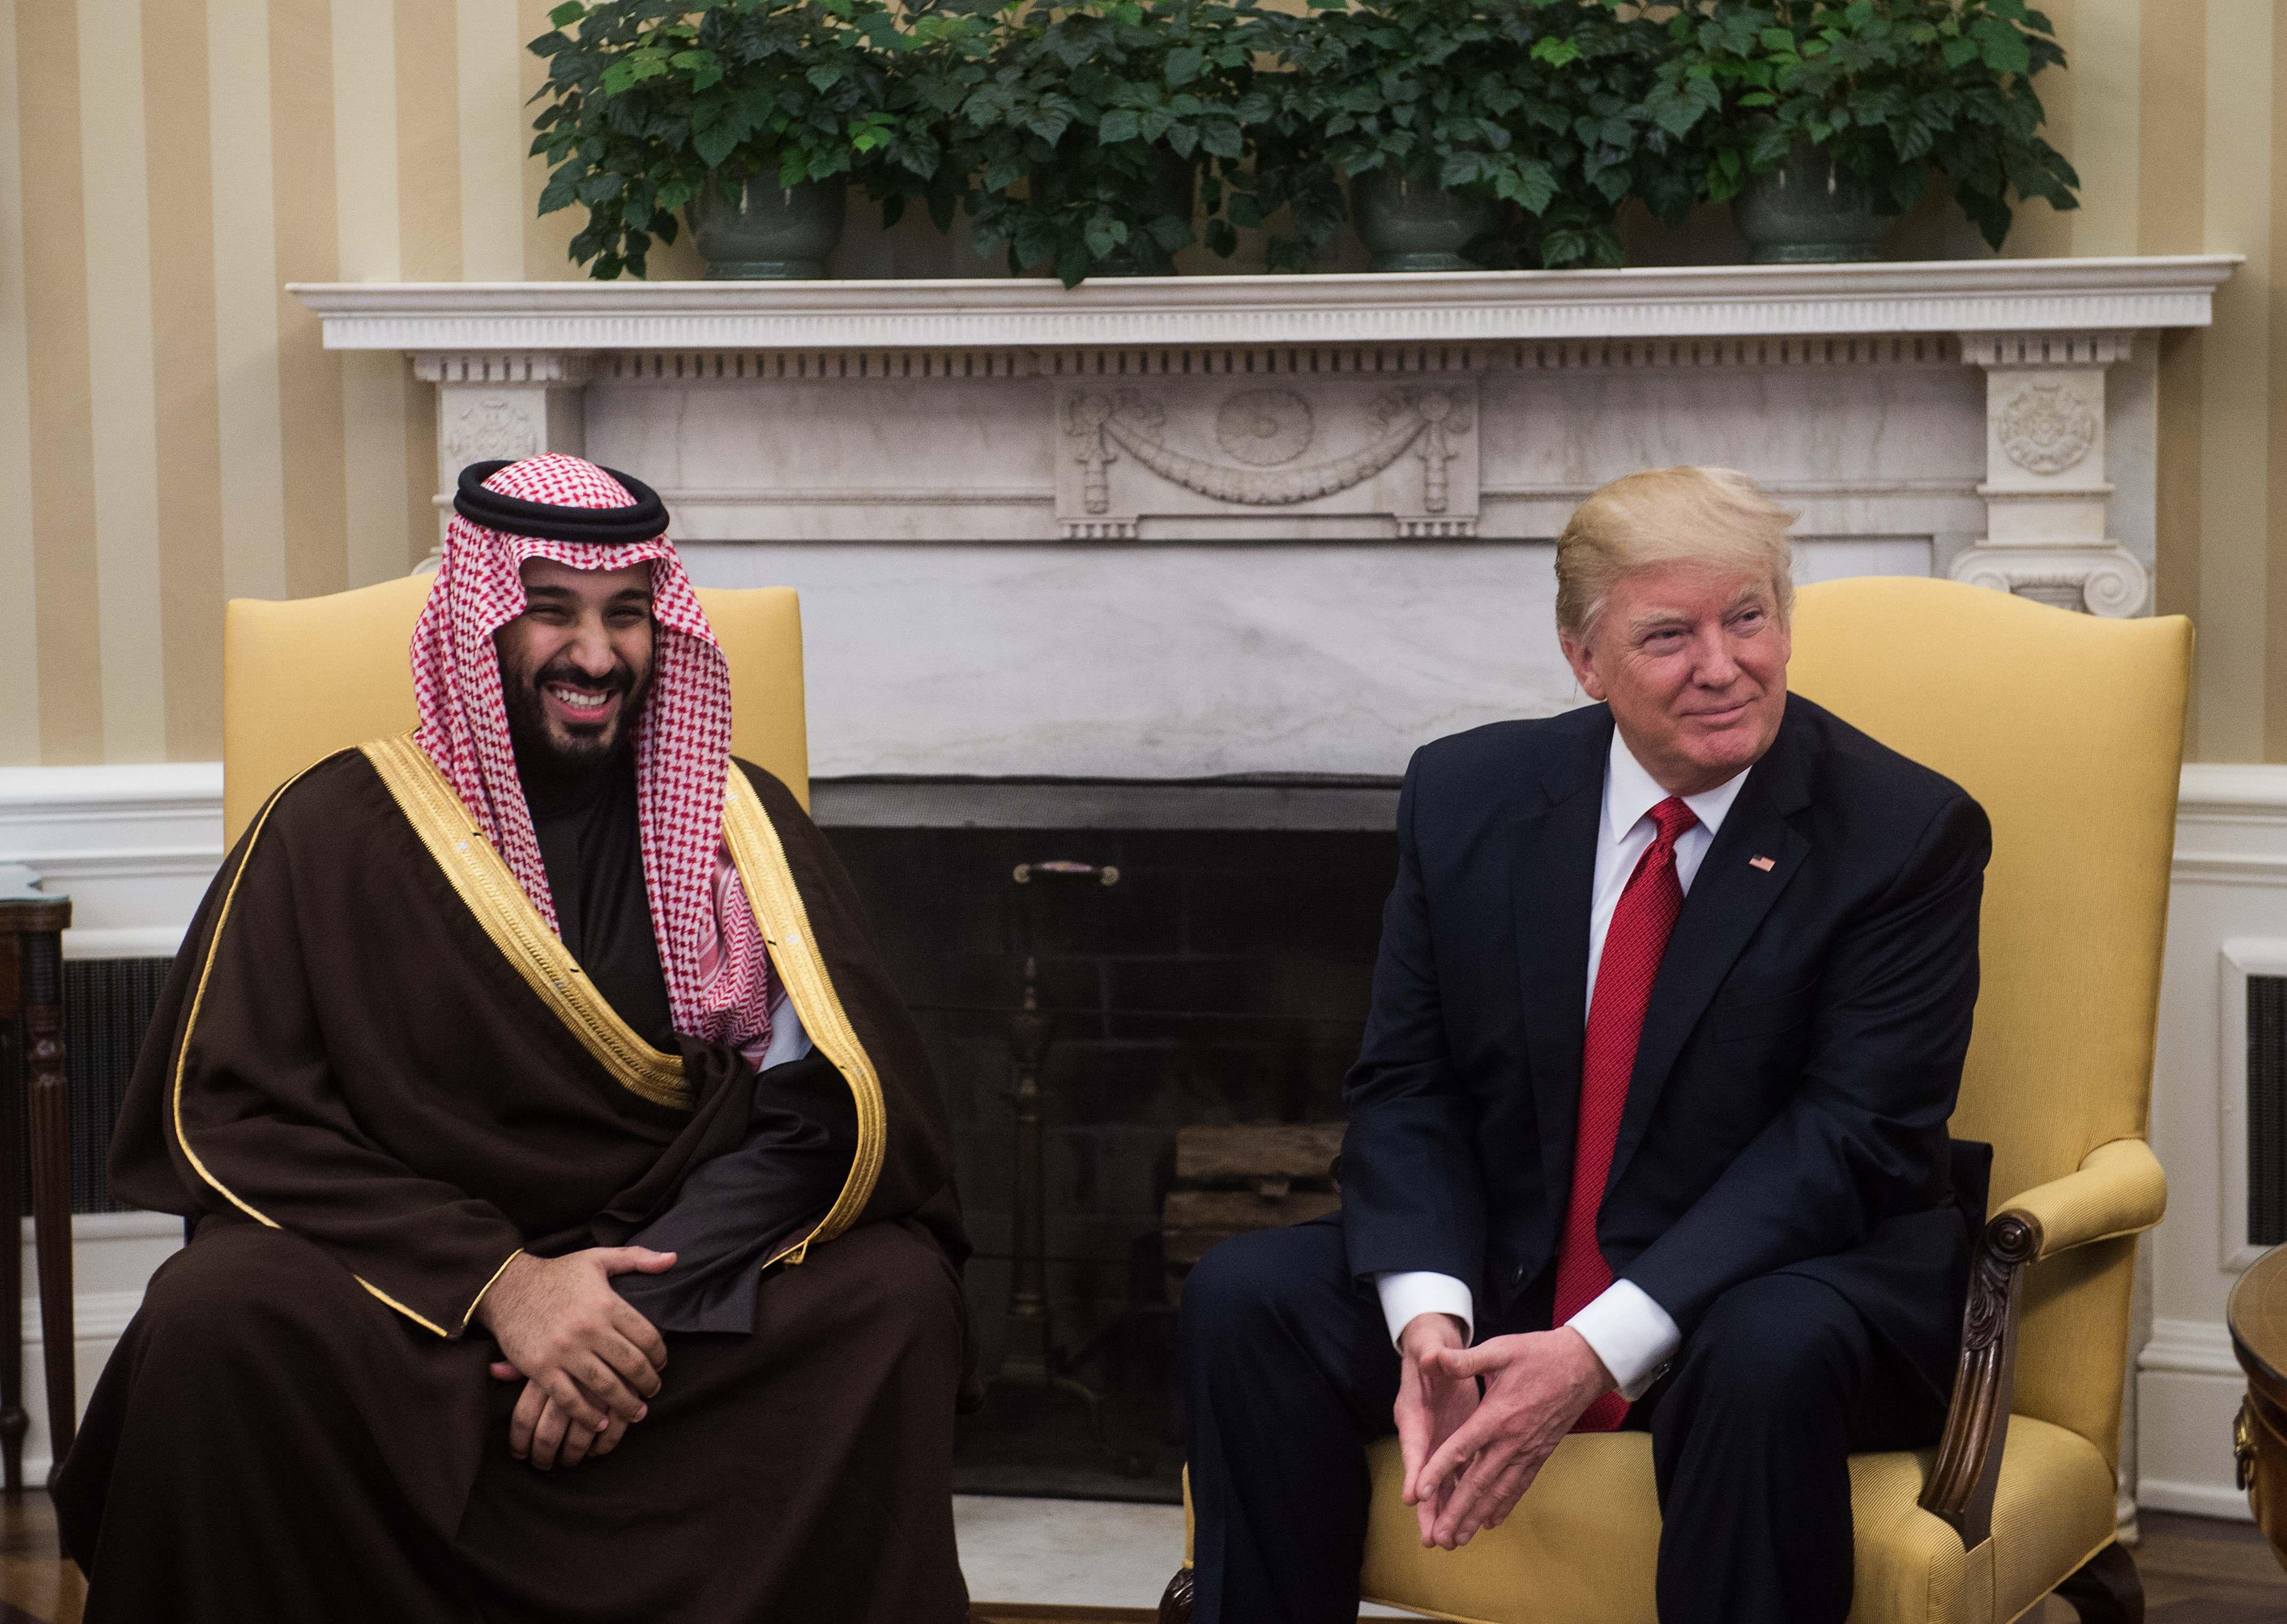 Donald Trump csakazértis fegyvereket adna el Szaúd-Arábiának és az Emírségeknek